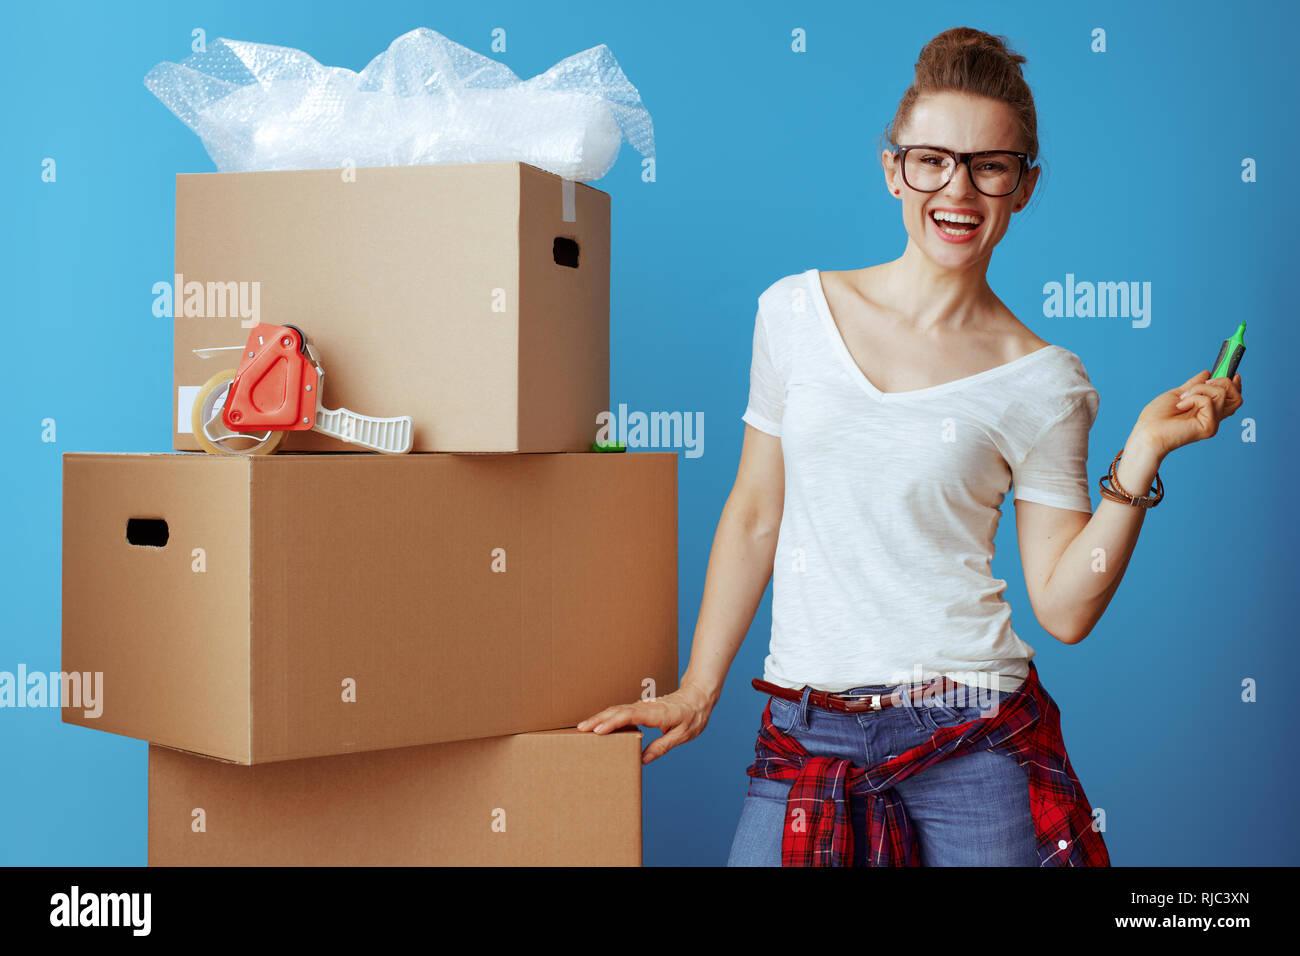 59e270f17569 Felice giovane donna in t-shirt bianco vicino alla scatola di cartone con un  marcatore